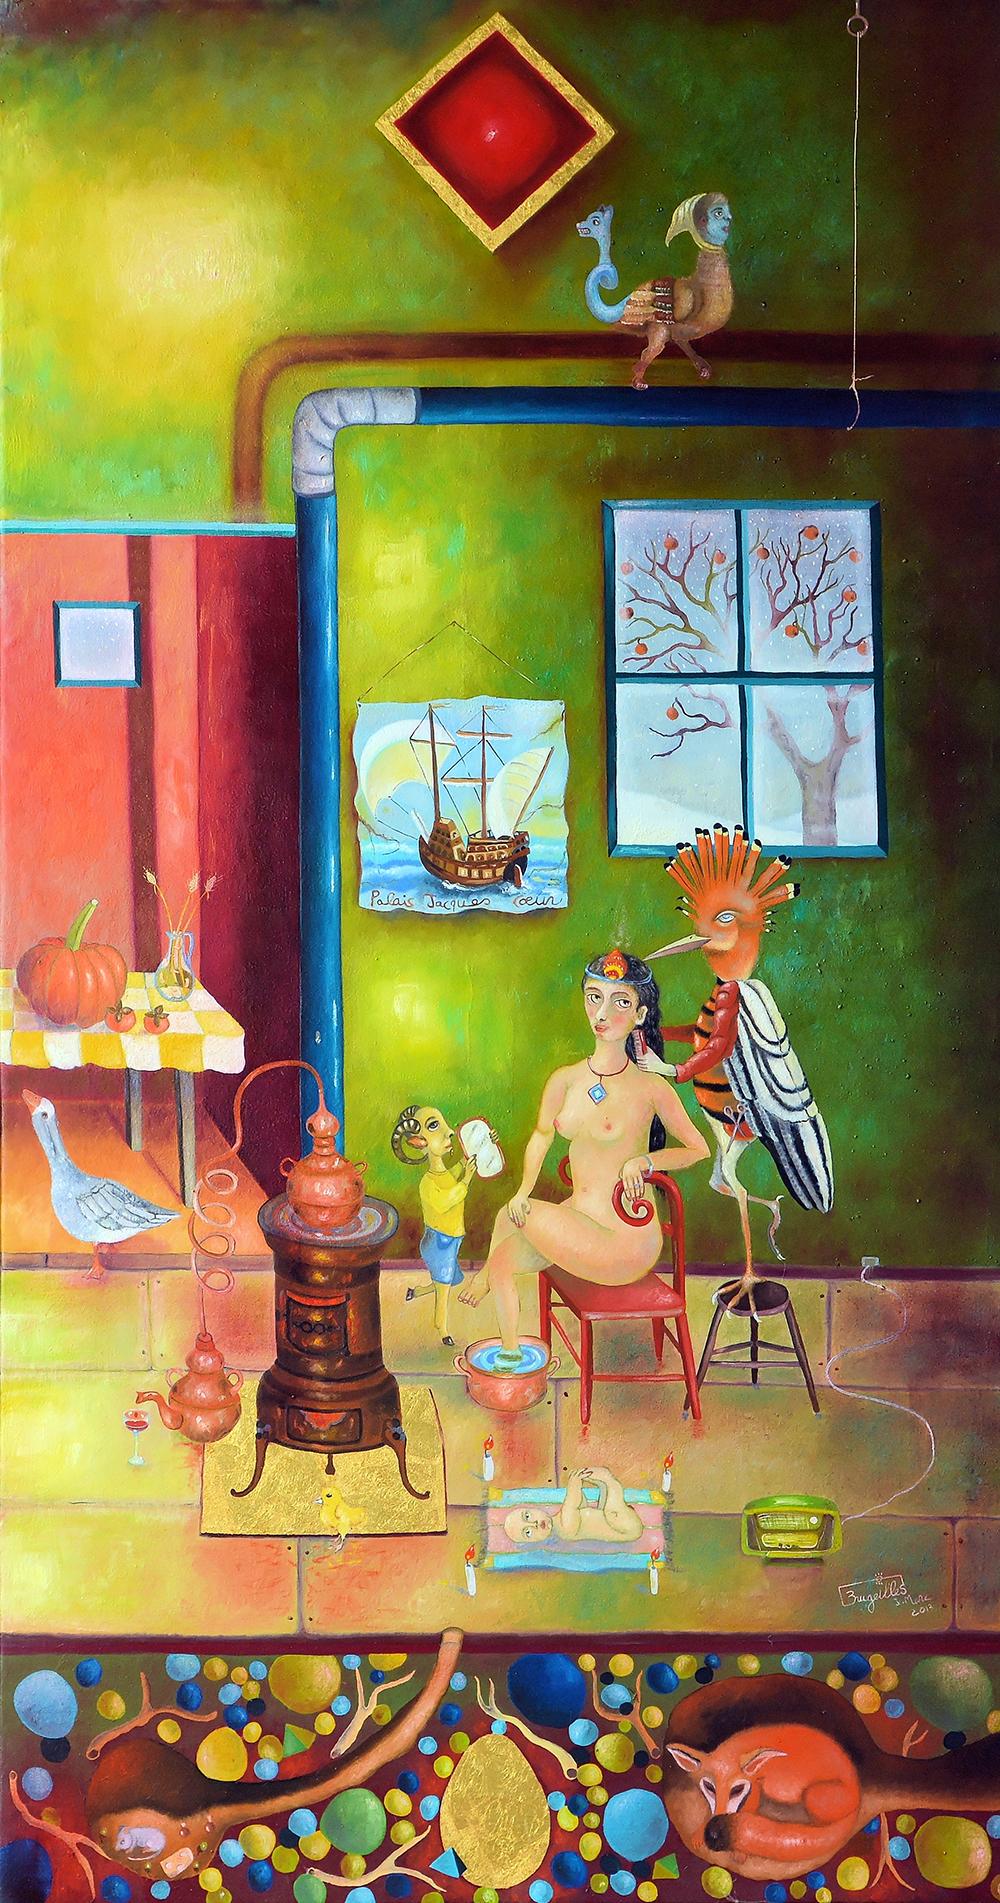 14 Brugeilles The Alchemistt Dream